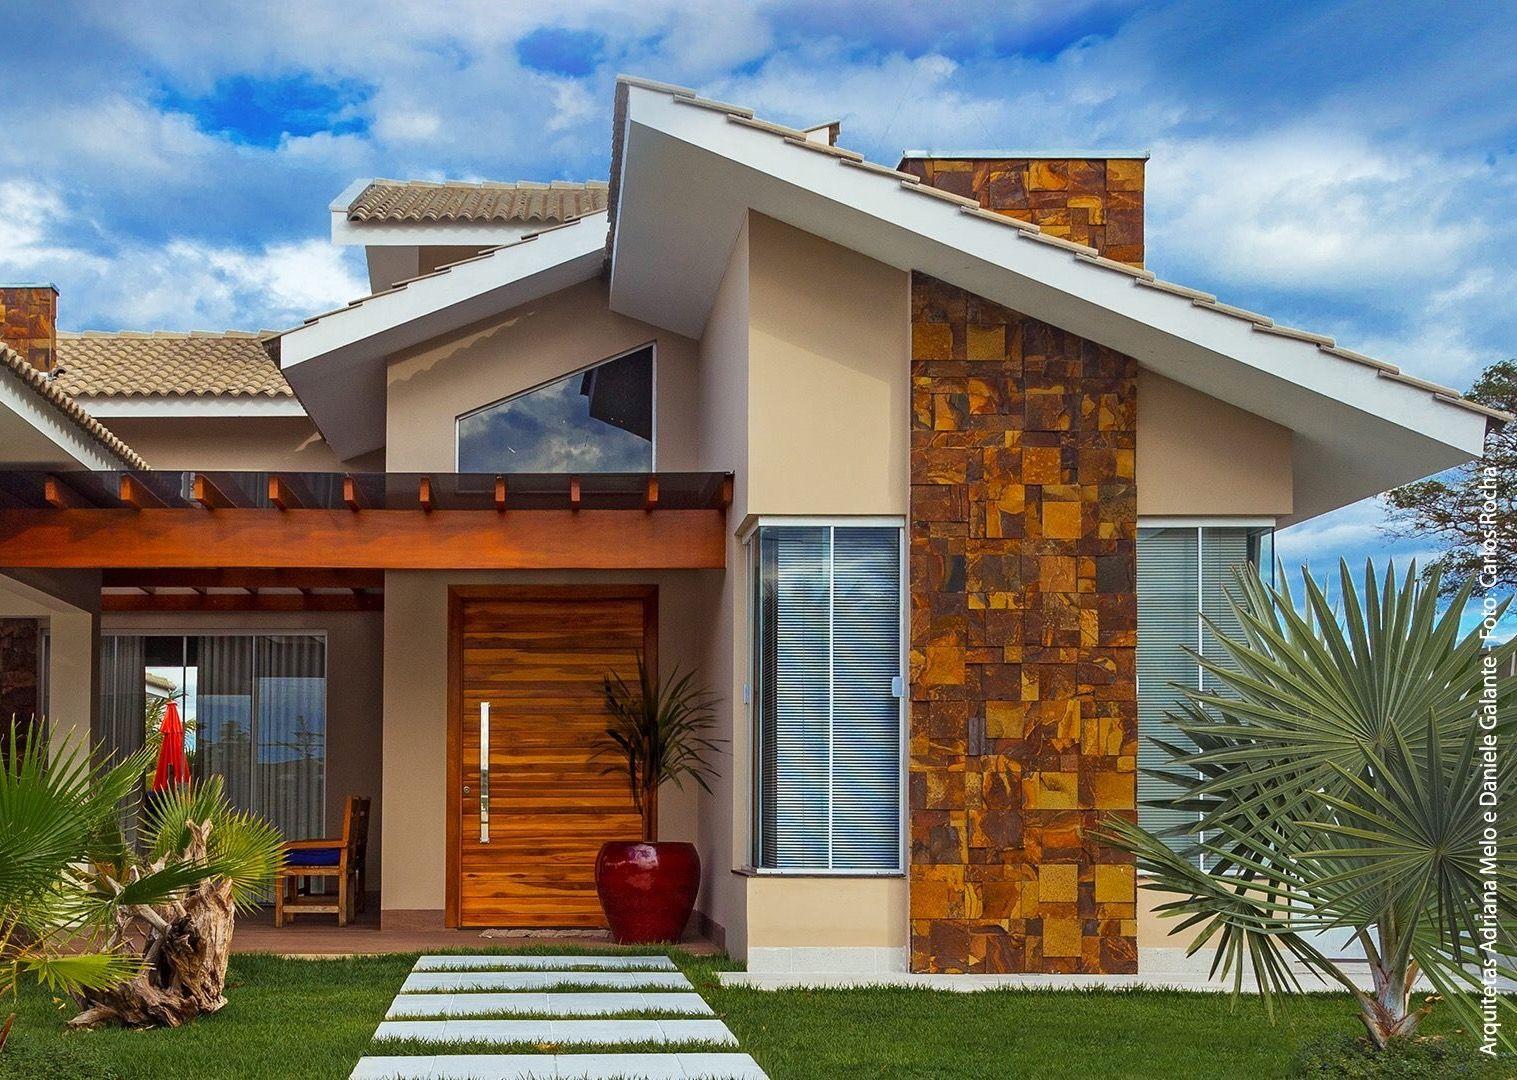 Muito linda est casa kiosko pinterest fachadas for Planos de casas lindas